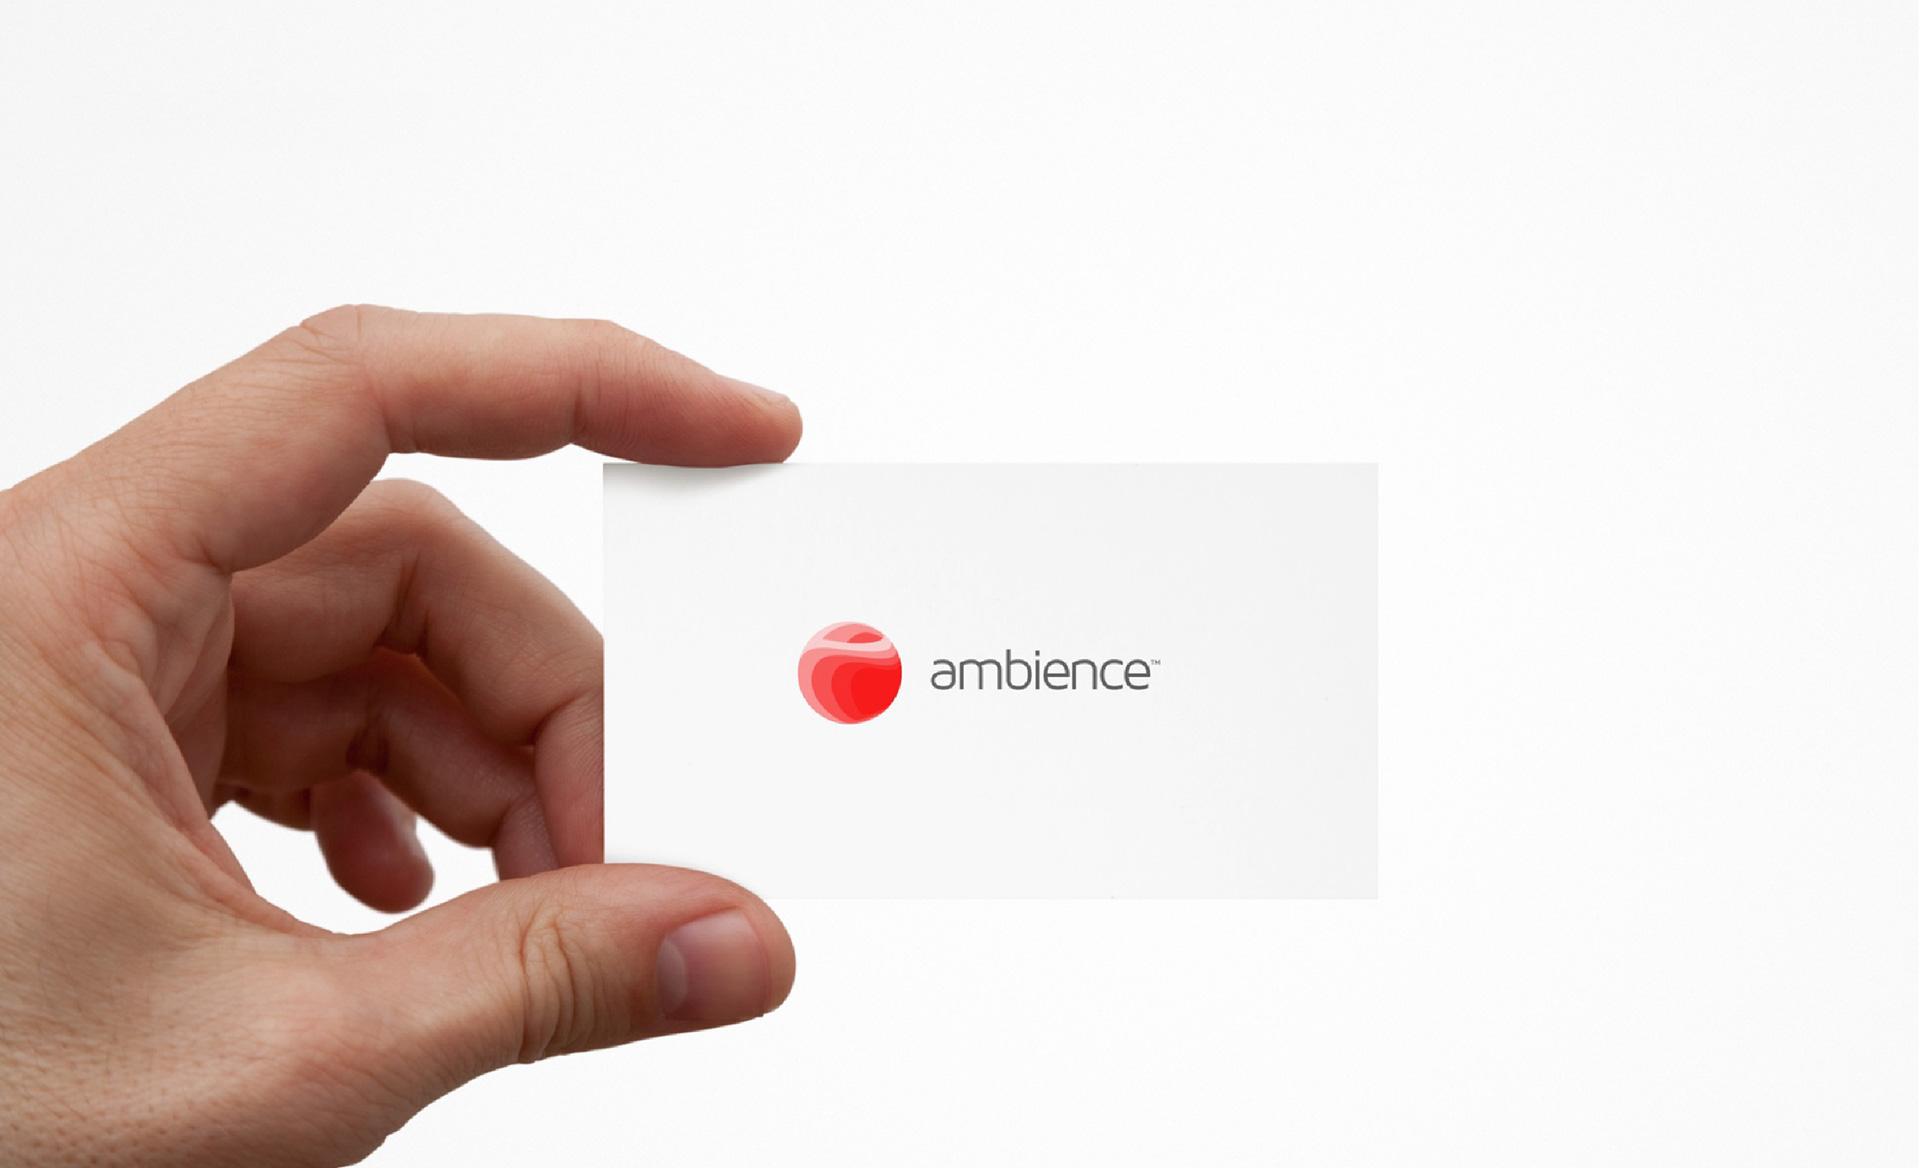 ambience_14_B